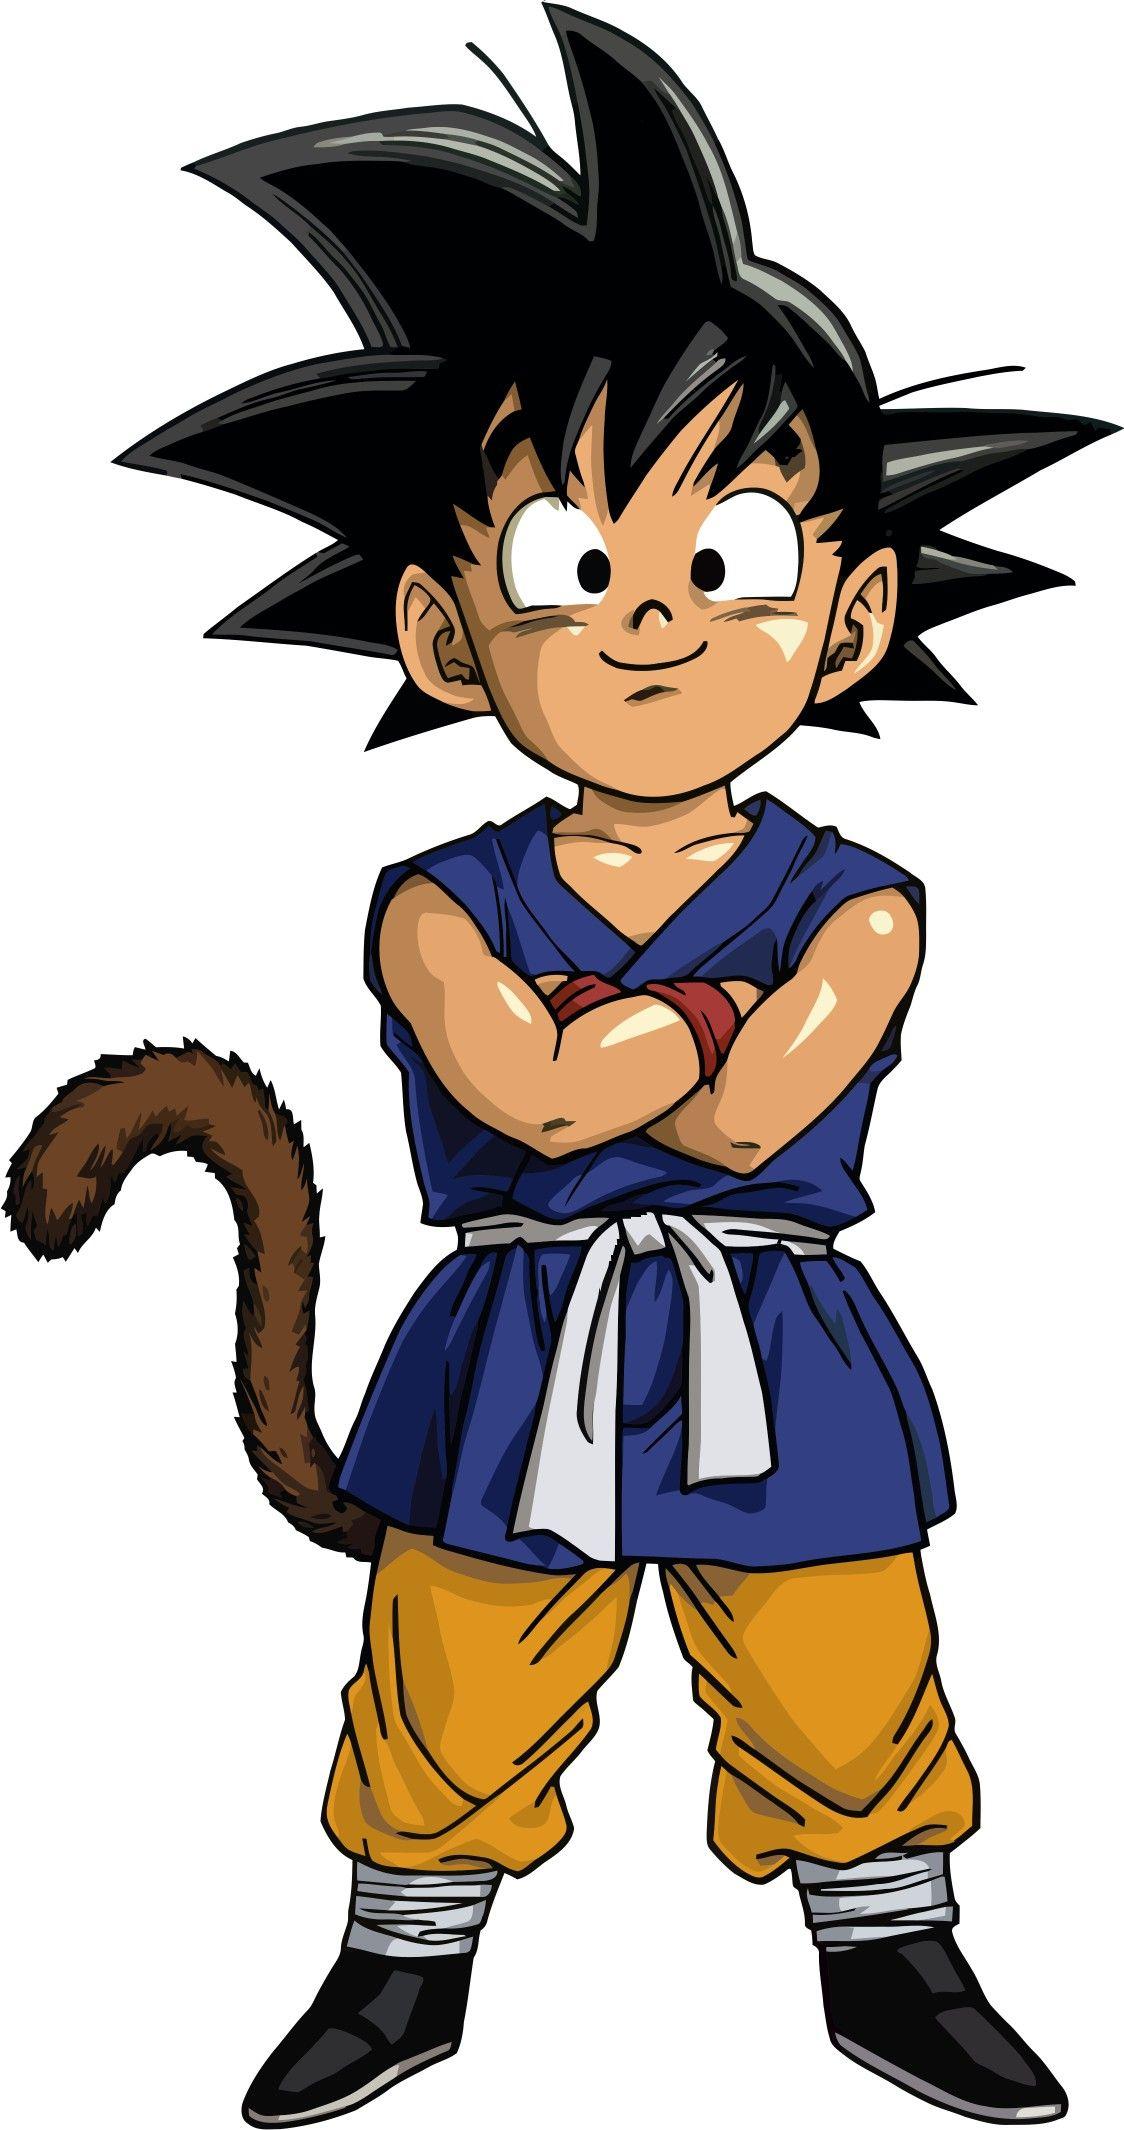 Kid Goku Goku Crianca Desenhos Dragonball Tatuagem Desenho Animado